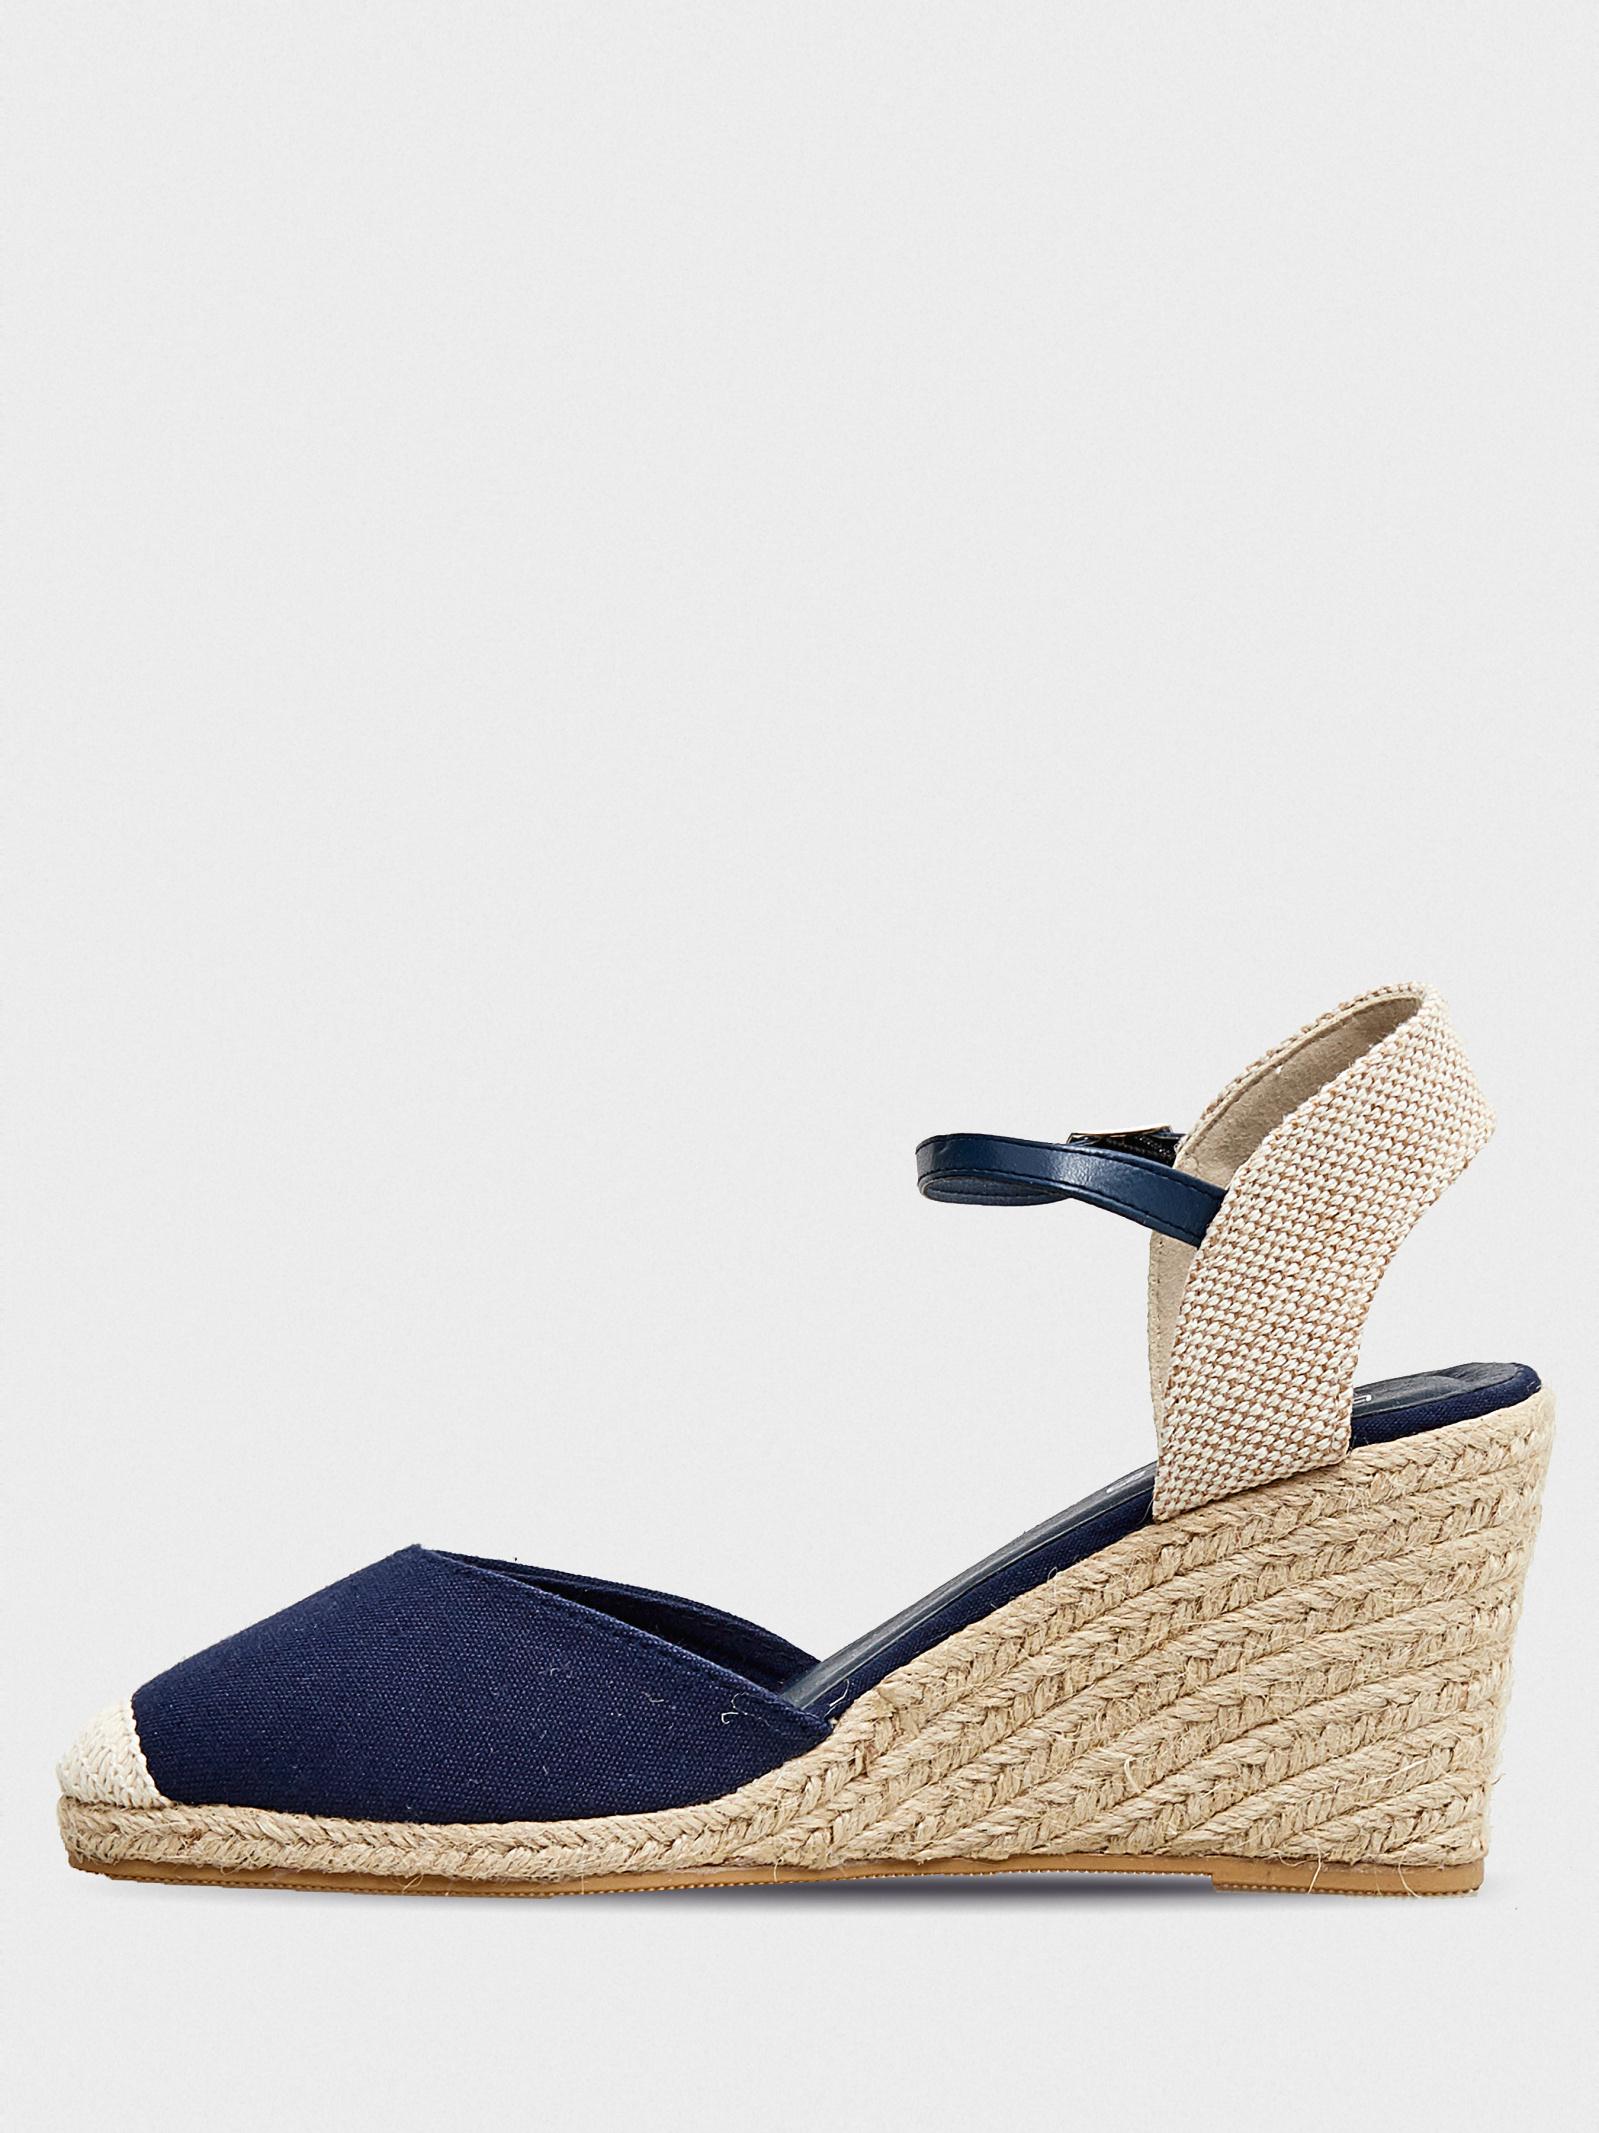 Босоножки для женщин Braska 211-1053/390 брендовая обувь, 2017